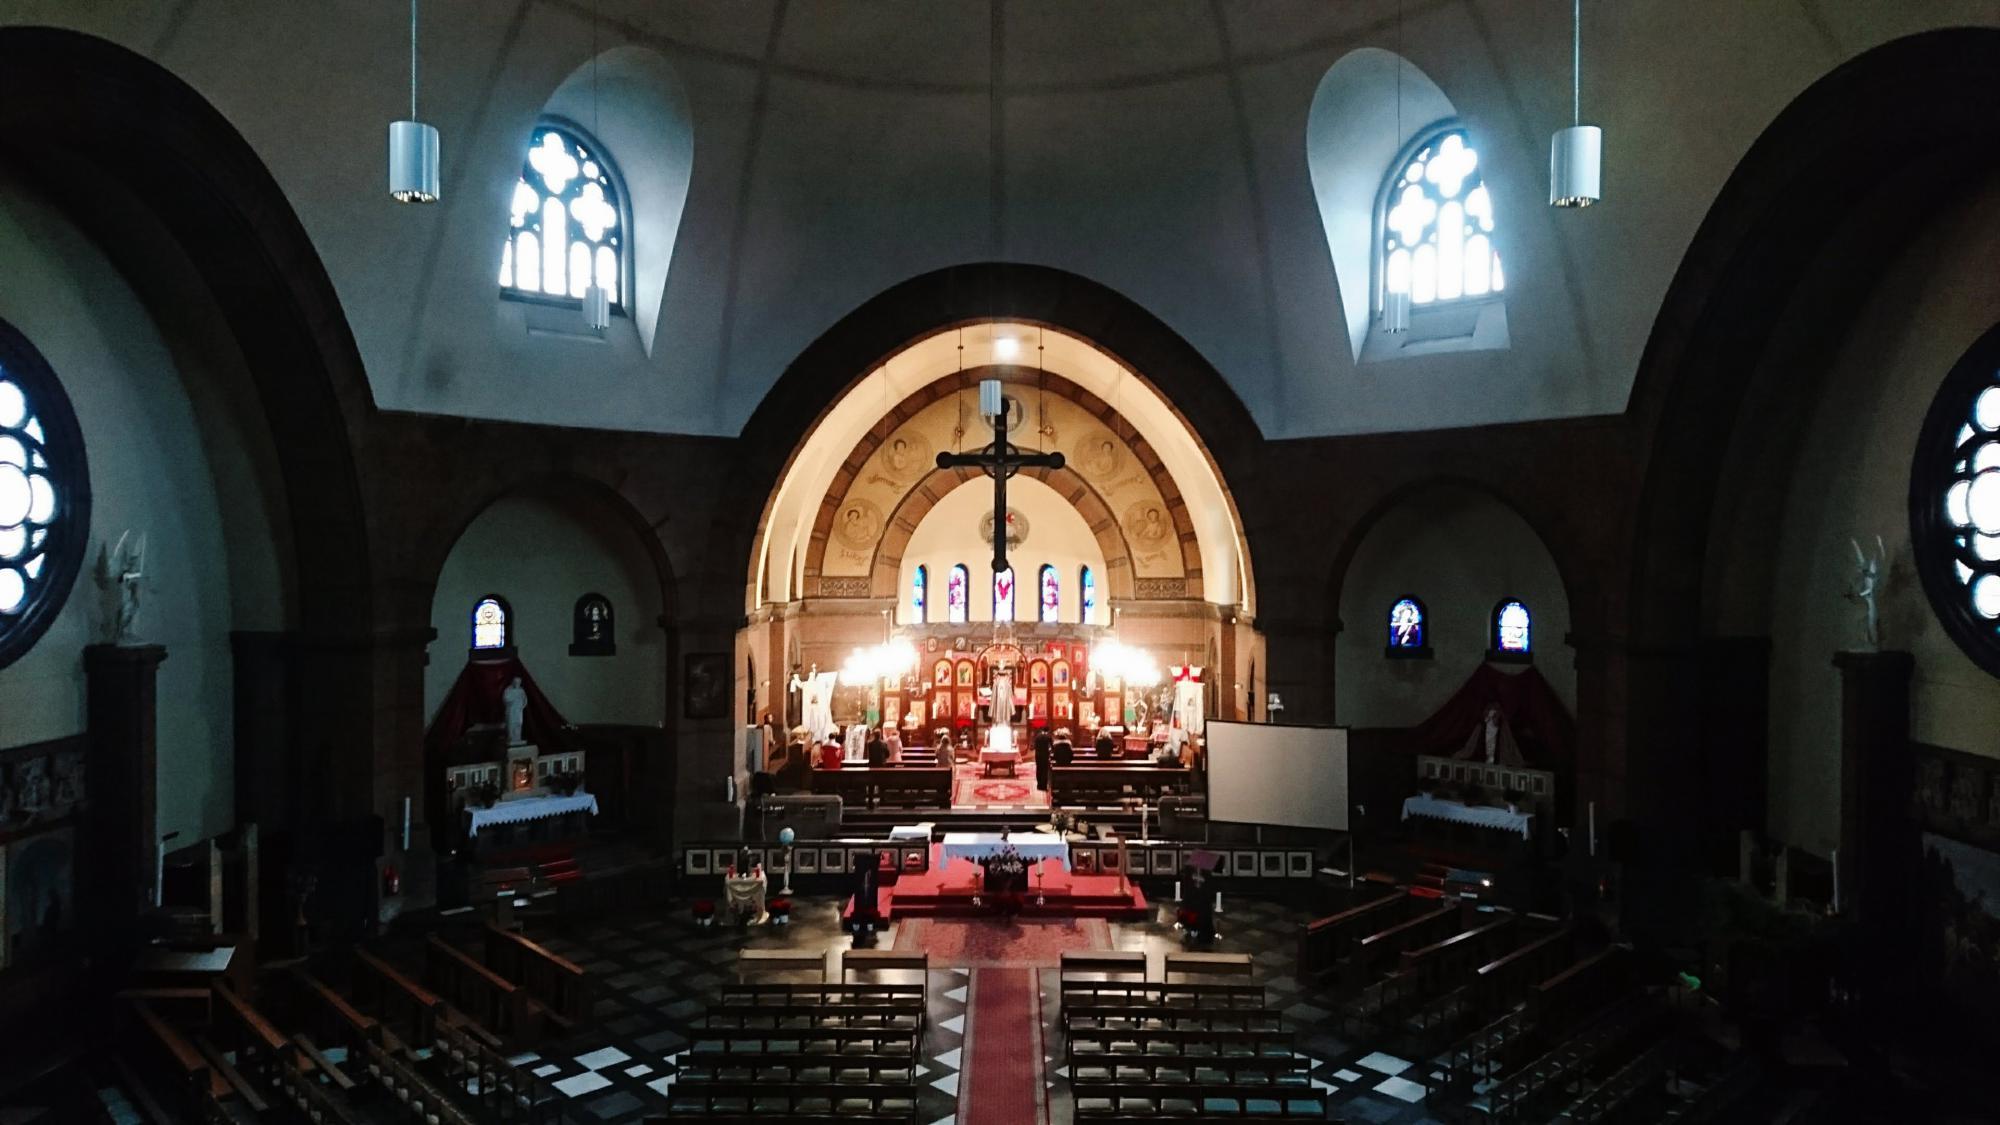 Het koor is de gebedsruimte voor de byzantijnse ritus - een kerk in de kerk